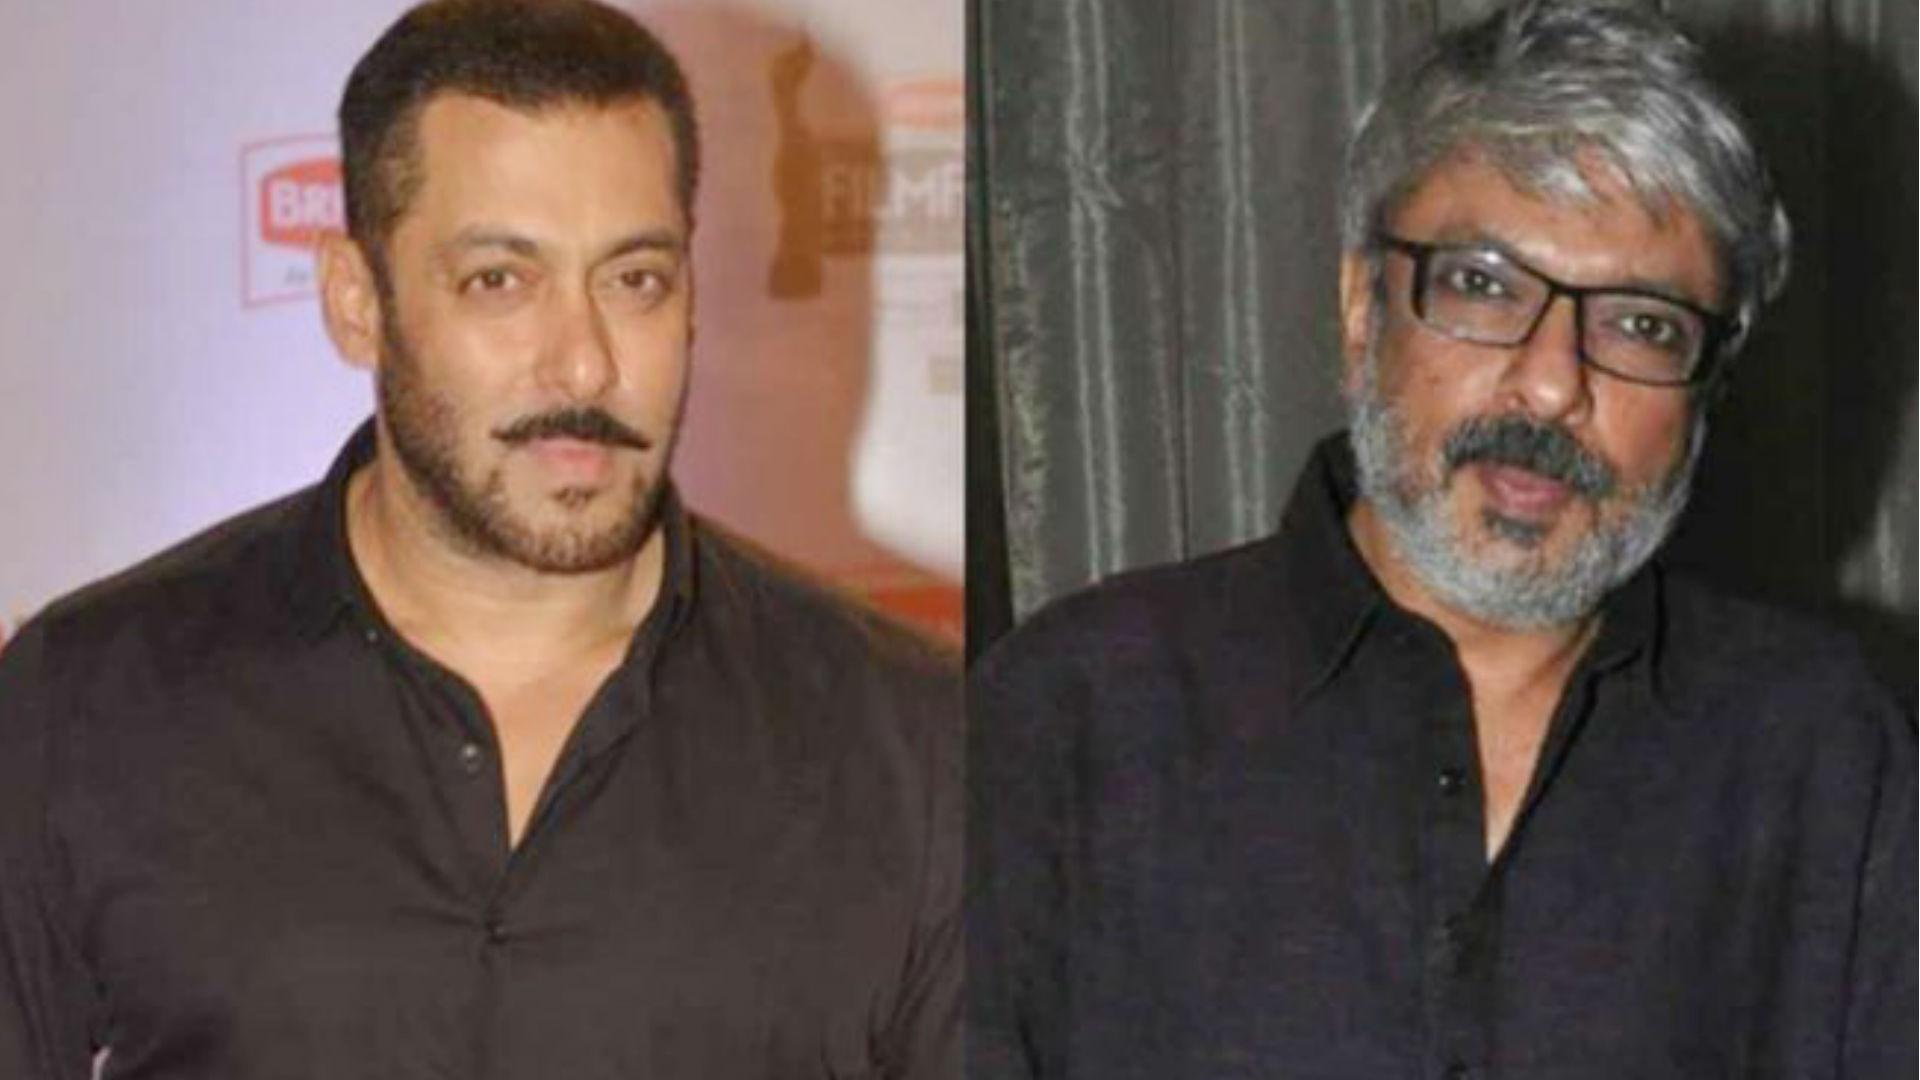 सलमान खान और संजय लीला भंसाली 19 साल बाद एक साथ करेंगे काम, दबंग 3 के बाद पर्दे पर दिखेगी ये लव स्टोरी